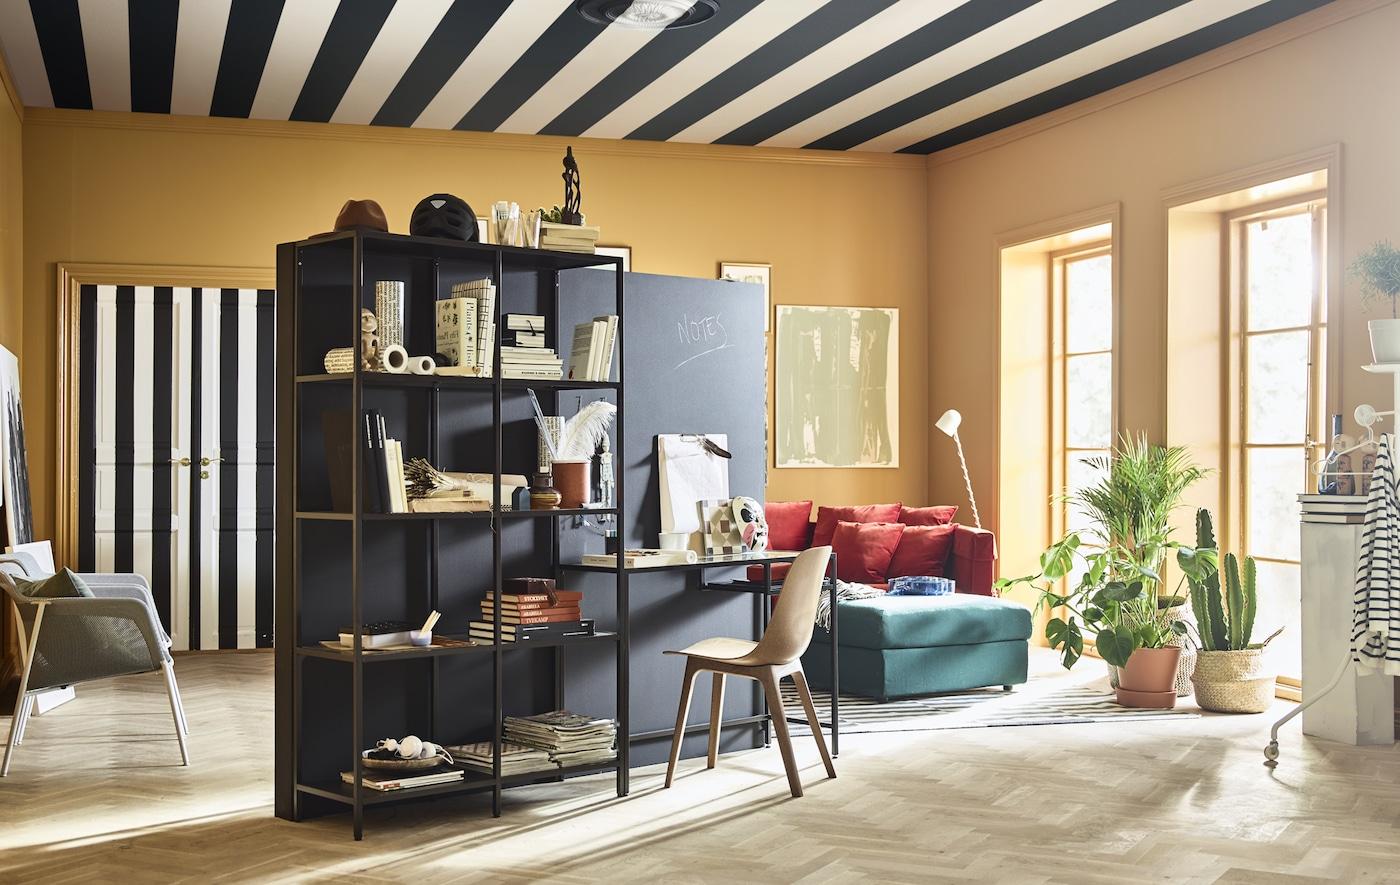 غرفة جلوس زاهية اللون وإبداعية مع طاولة حائط ومنصة عمل في قلب الغرفة.